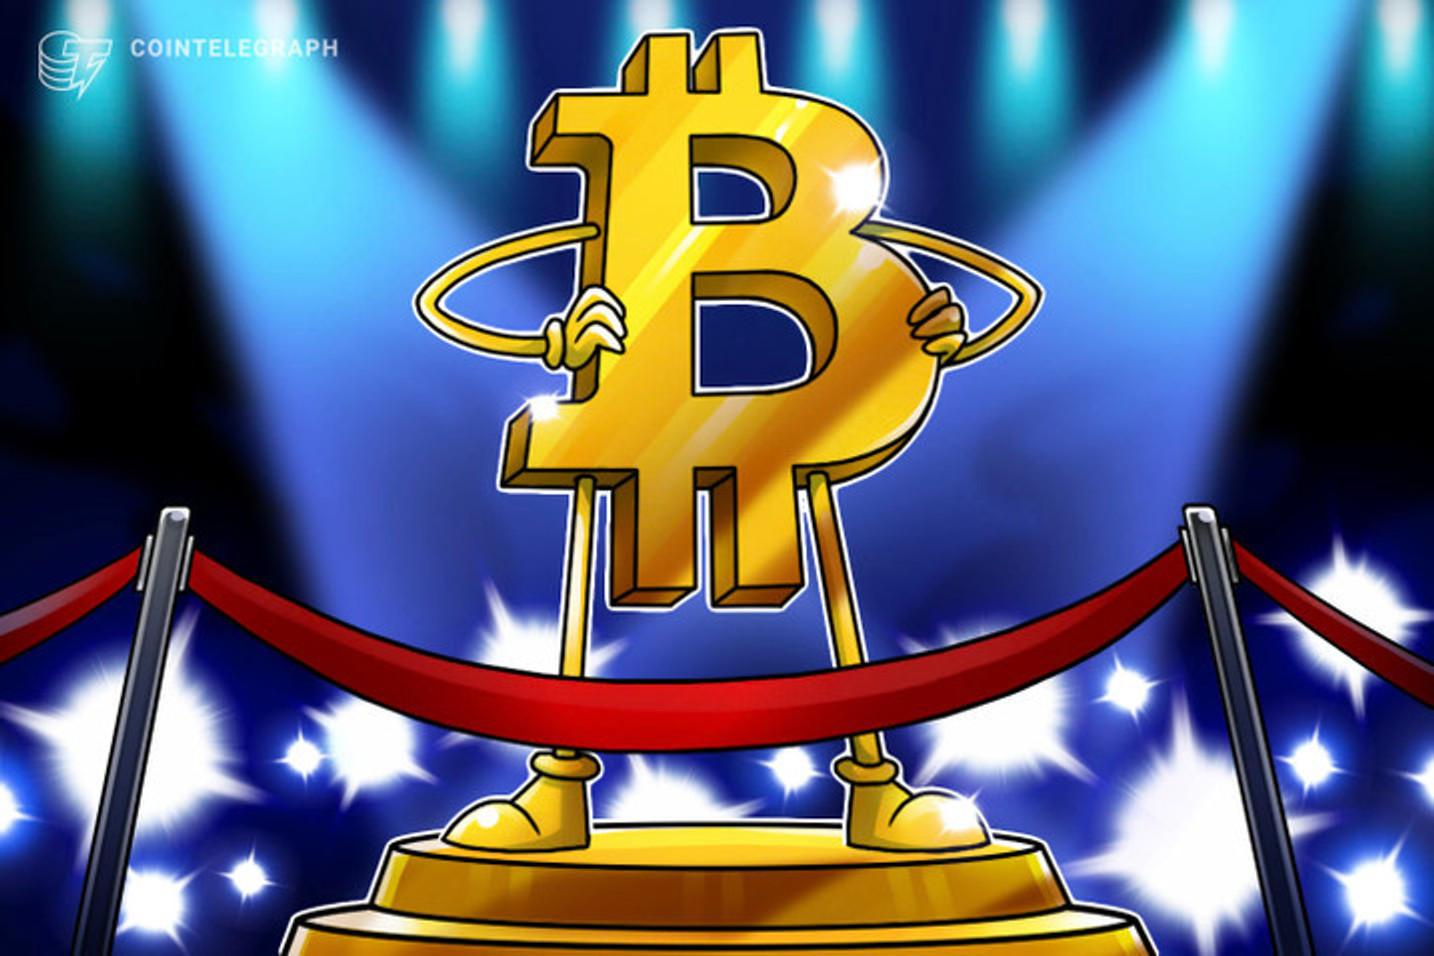 Bitcoin se clasificó entre los 100 mejores diseños de todos los tiempos